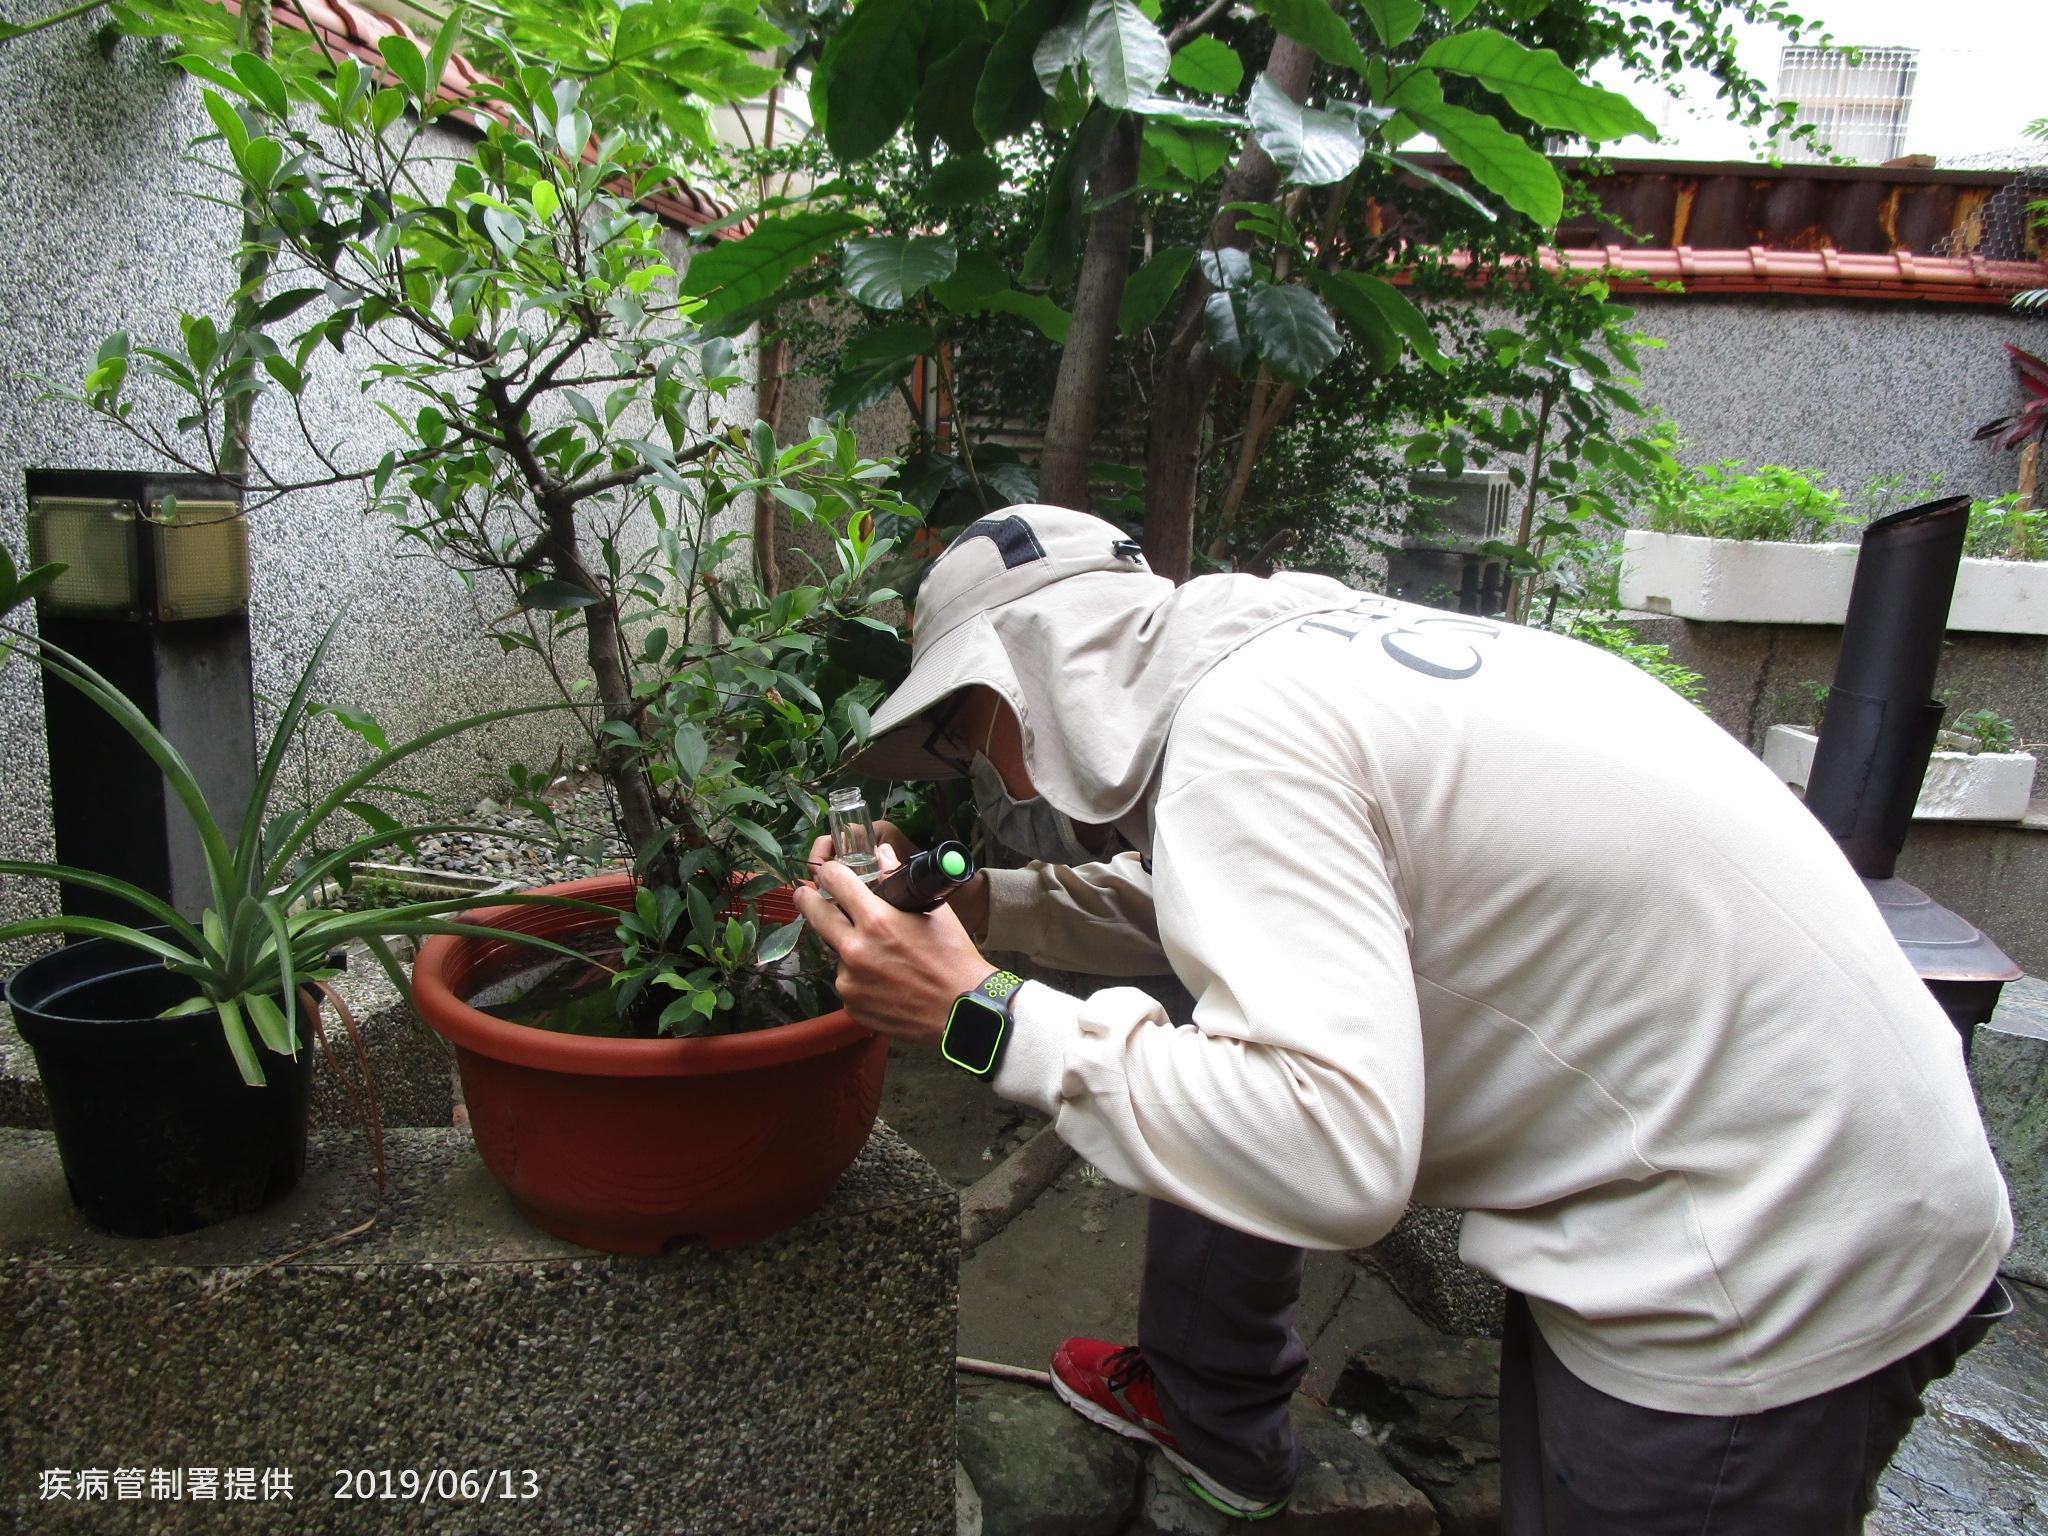 圖1-疾管署防疫人員仔細檢視盆栽是否有病媒蚊孳生